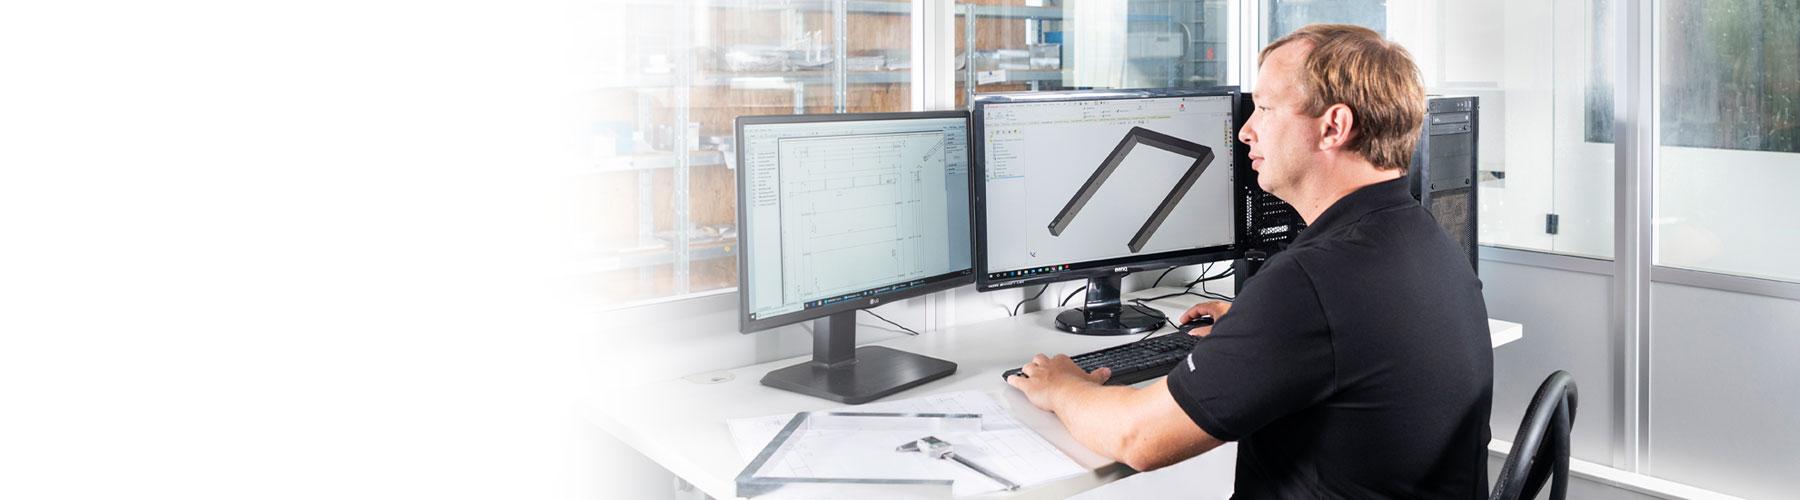 CAD Pogrammierung CNC-Fräsen und Drehen in Stuttgart